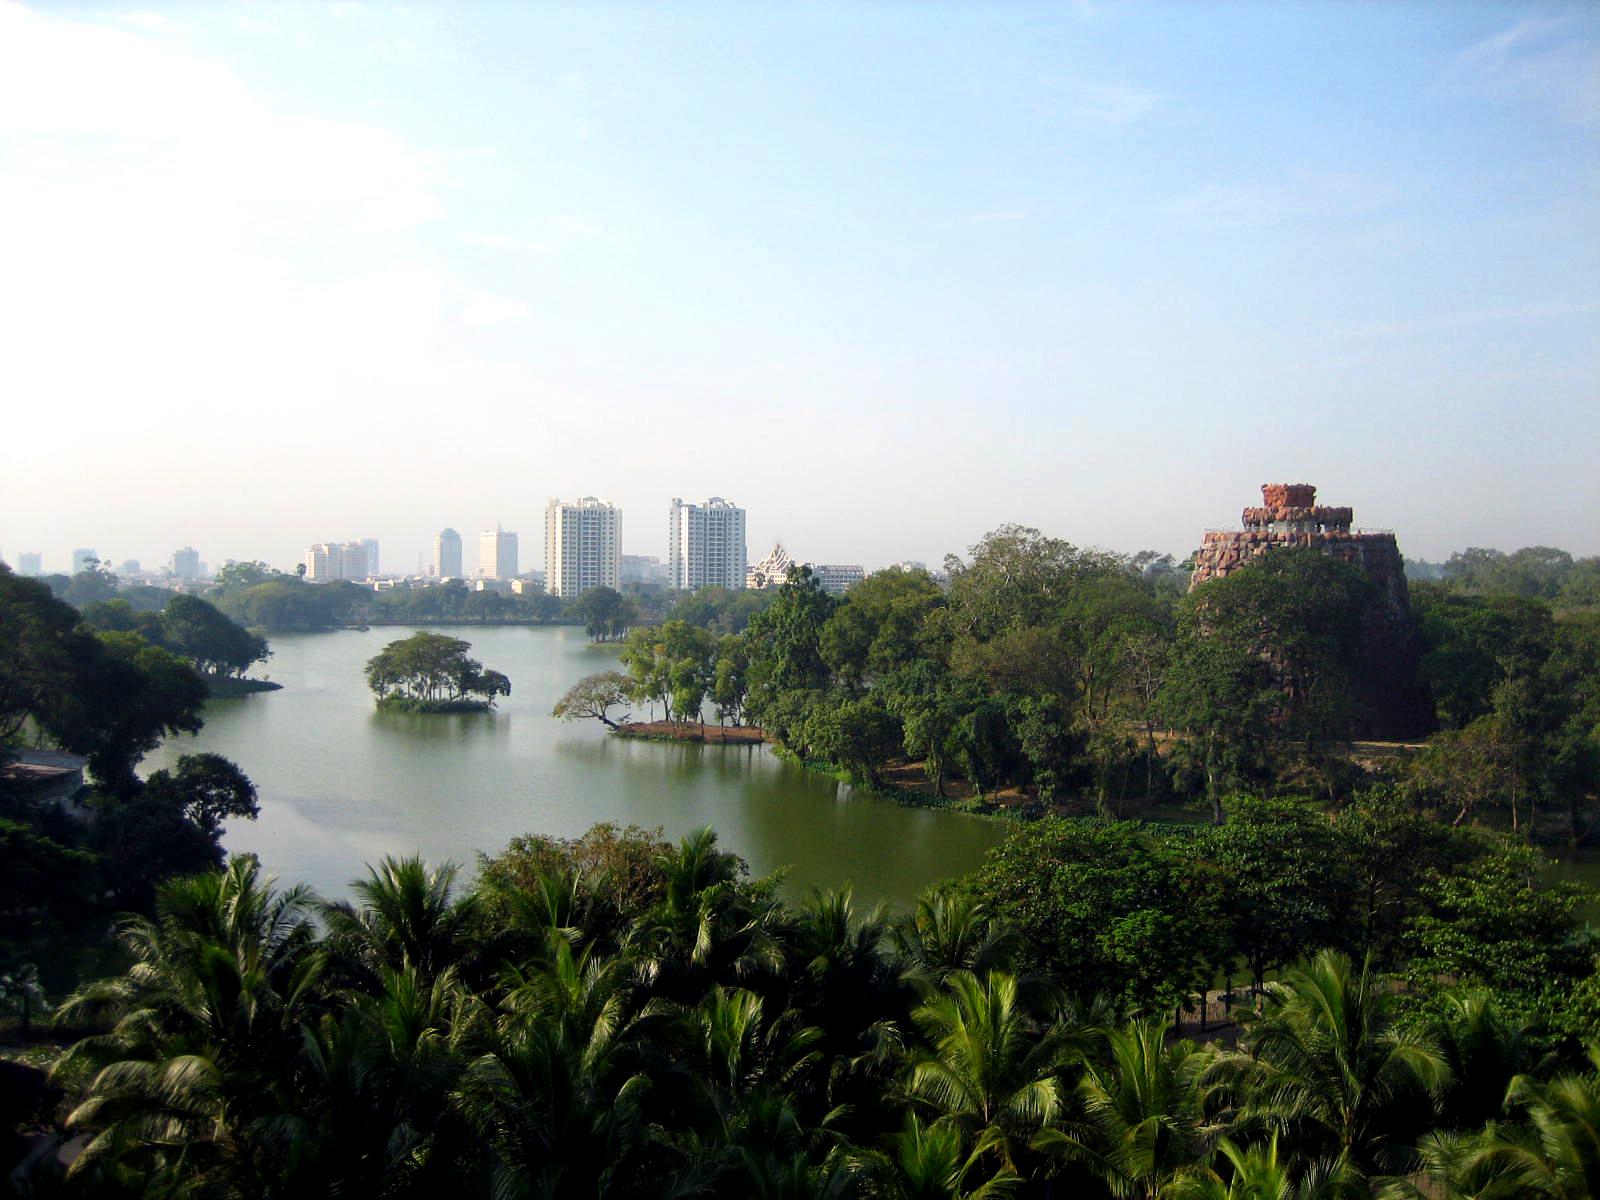 File:Kandawgyi Lake, Yangon.jpg - Wikimedia Commons